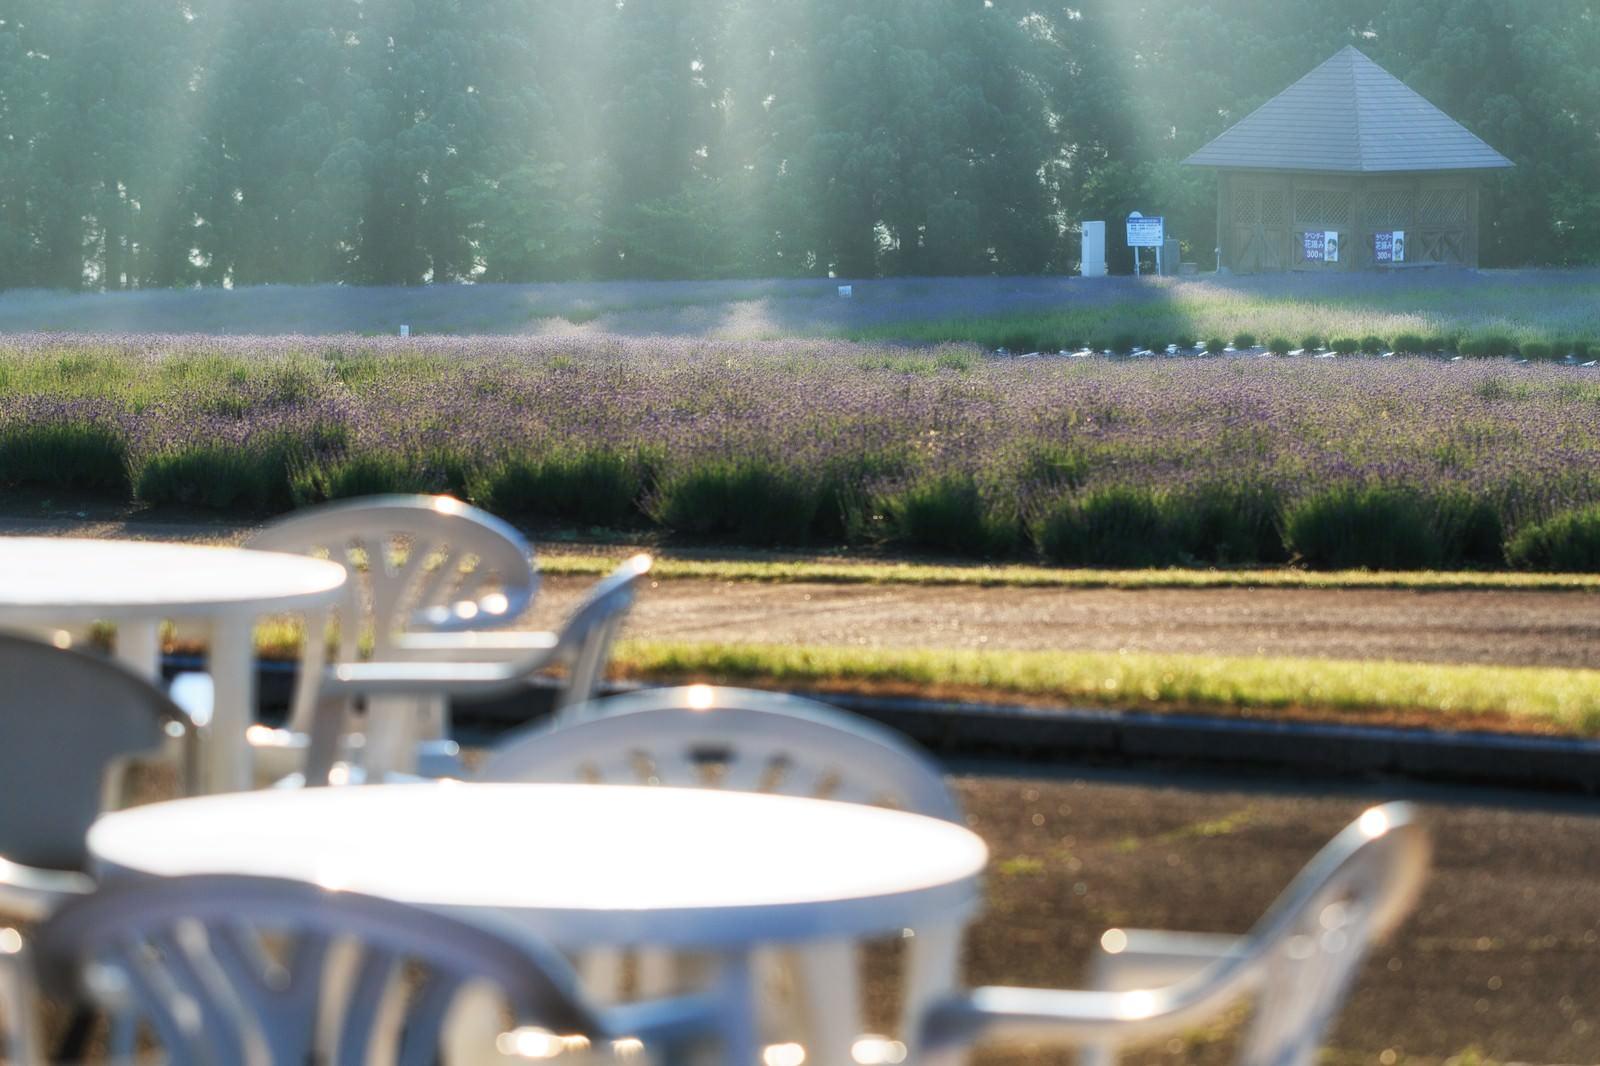 「光が差し込むラベンダー畑とテーブル光が差し込むラベンダー畑とテーブル」のフリー写真素材を拡大